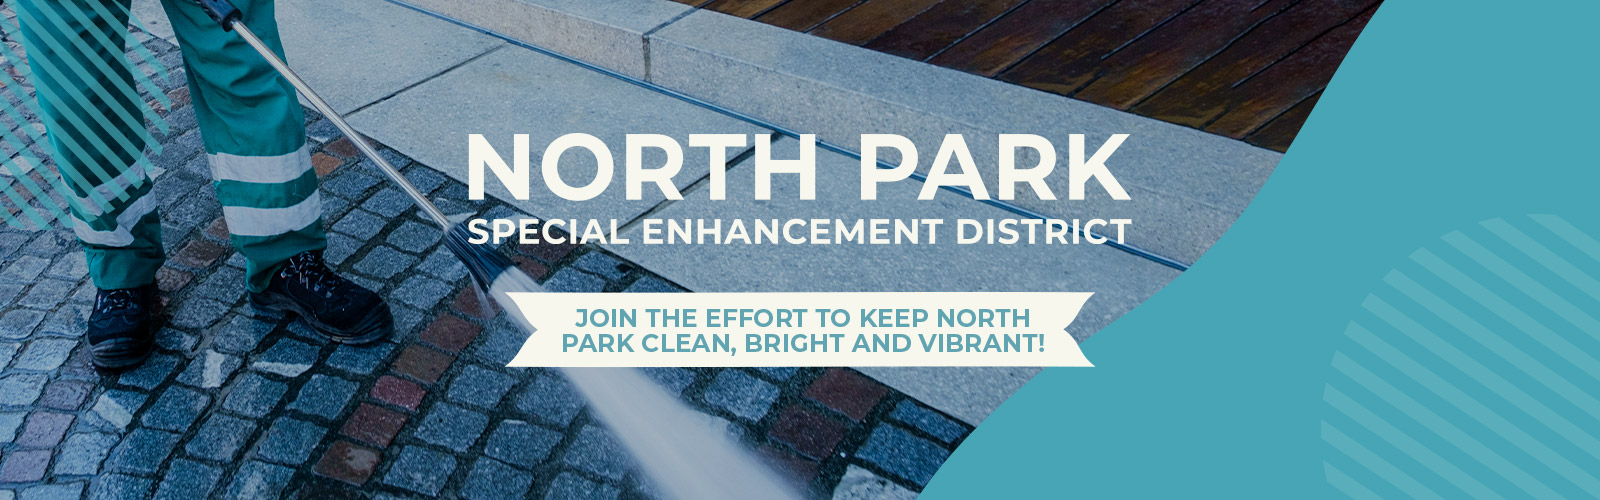 North Park Special Enhancement District